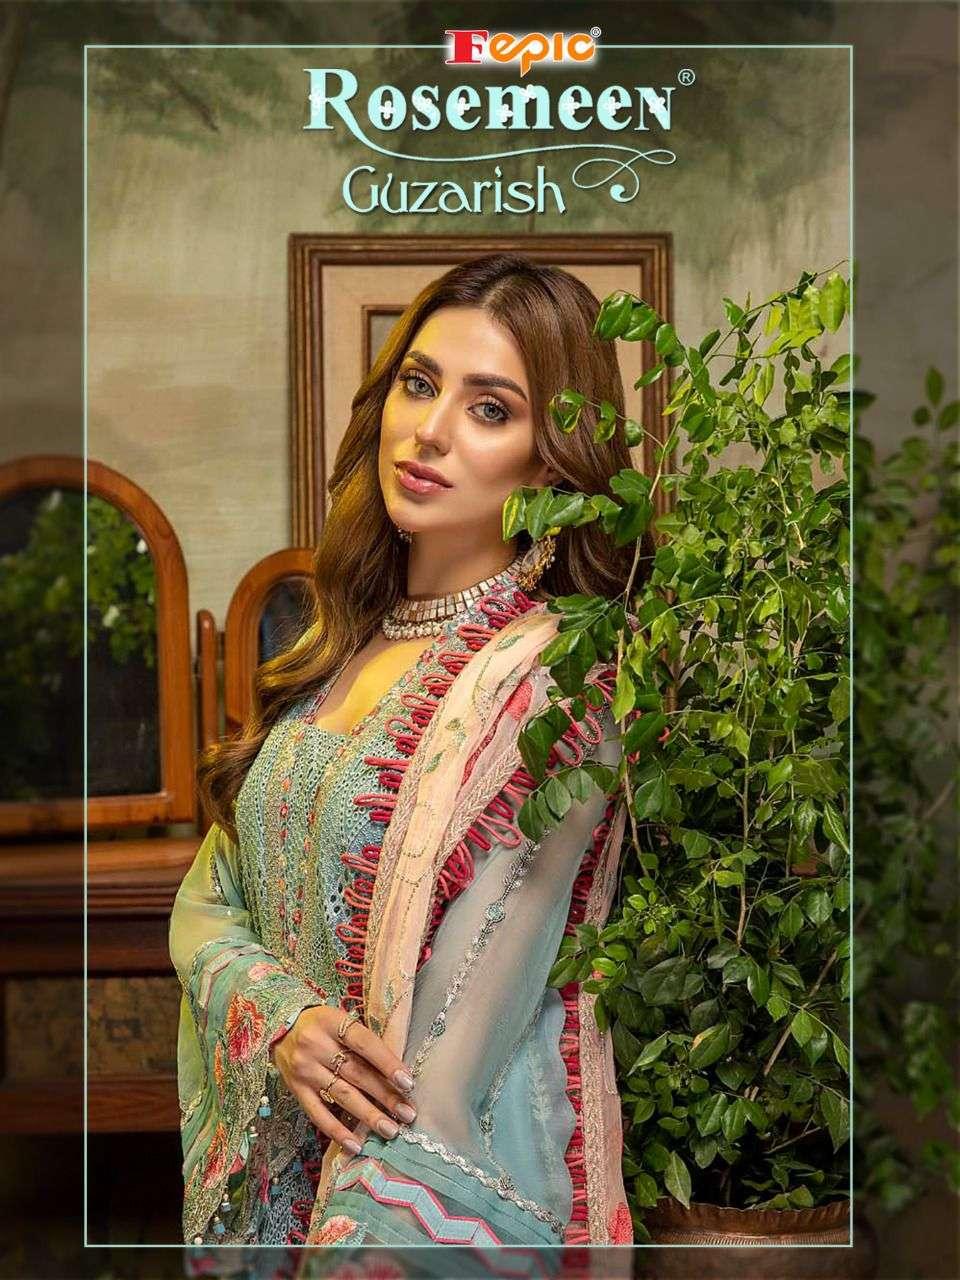 Fepic Rosemeen Guzarish Designer Pakistani Suit Catalog Wholesaler